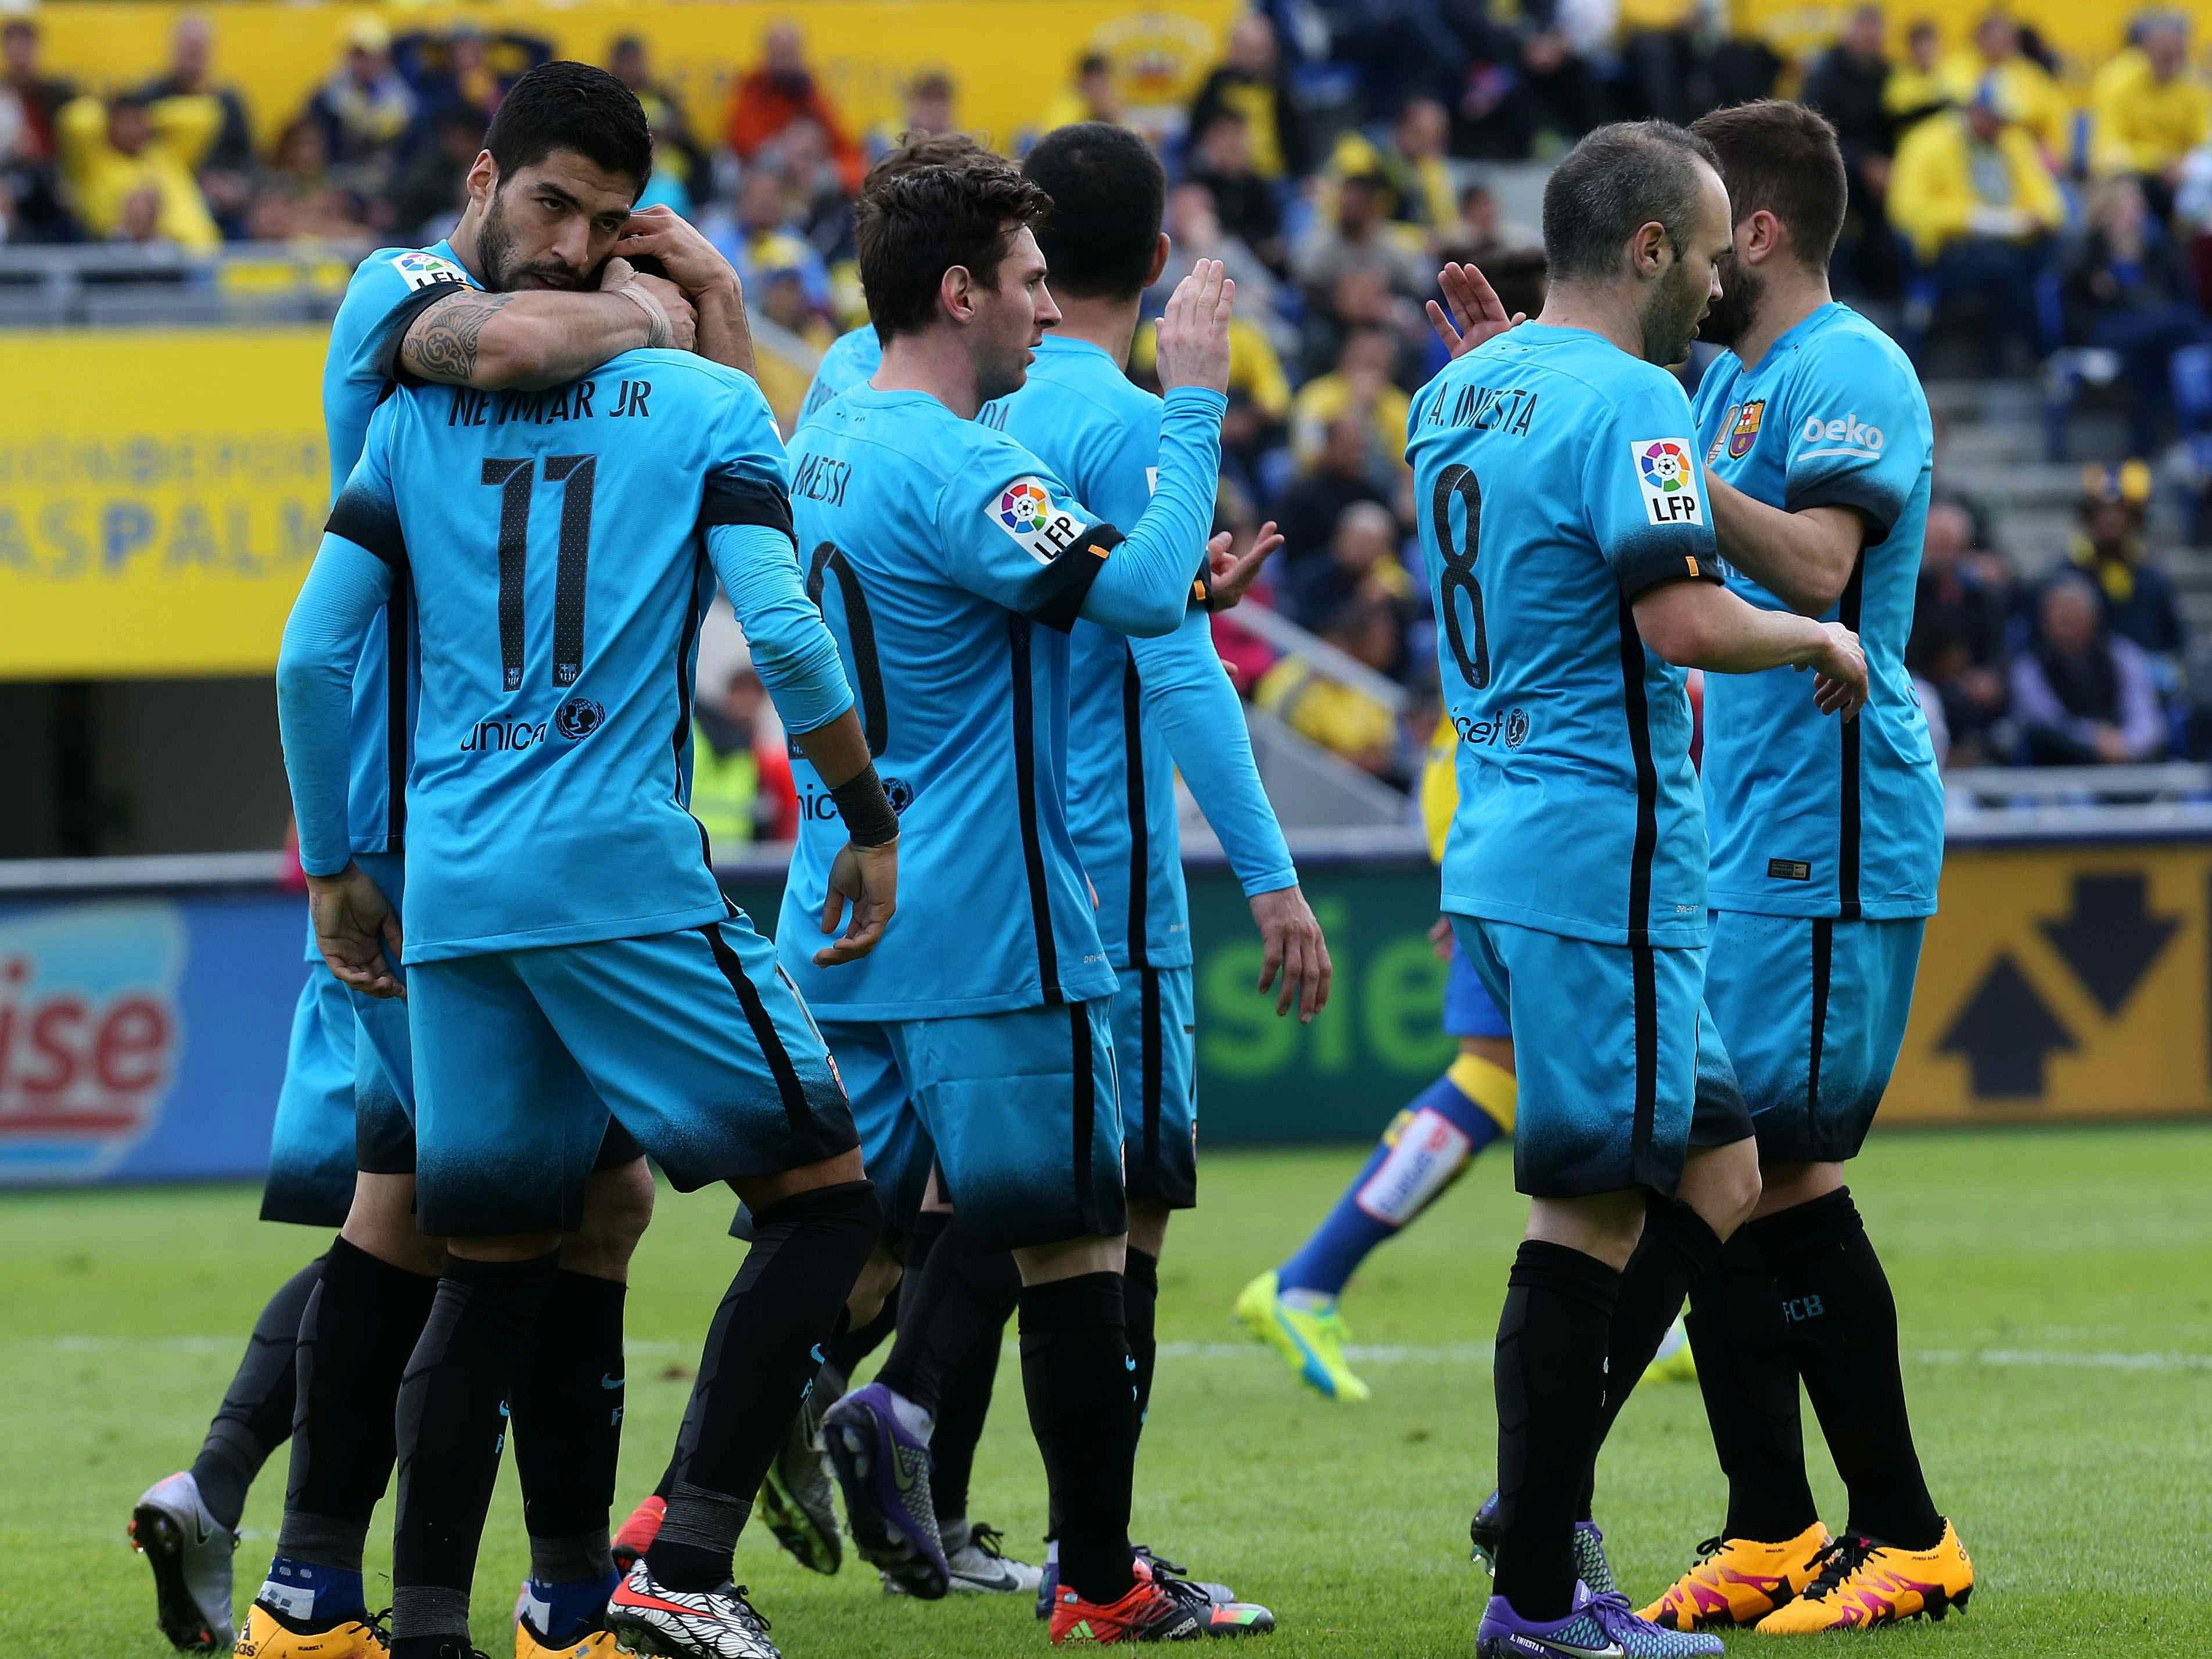 fcbarcelona Los blaugranas sufren para doblegar al equipo